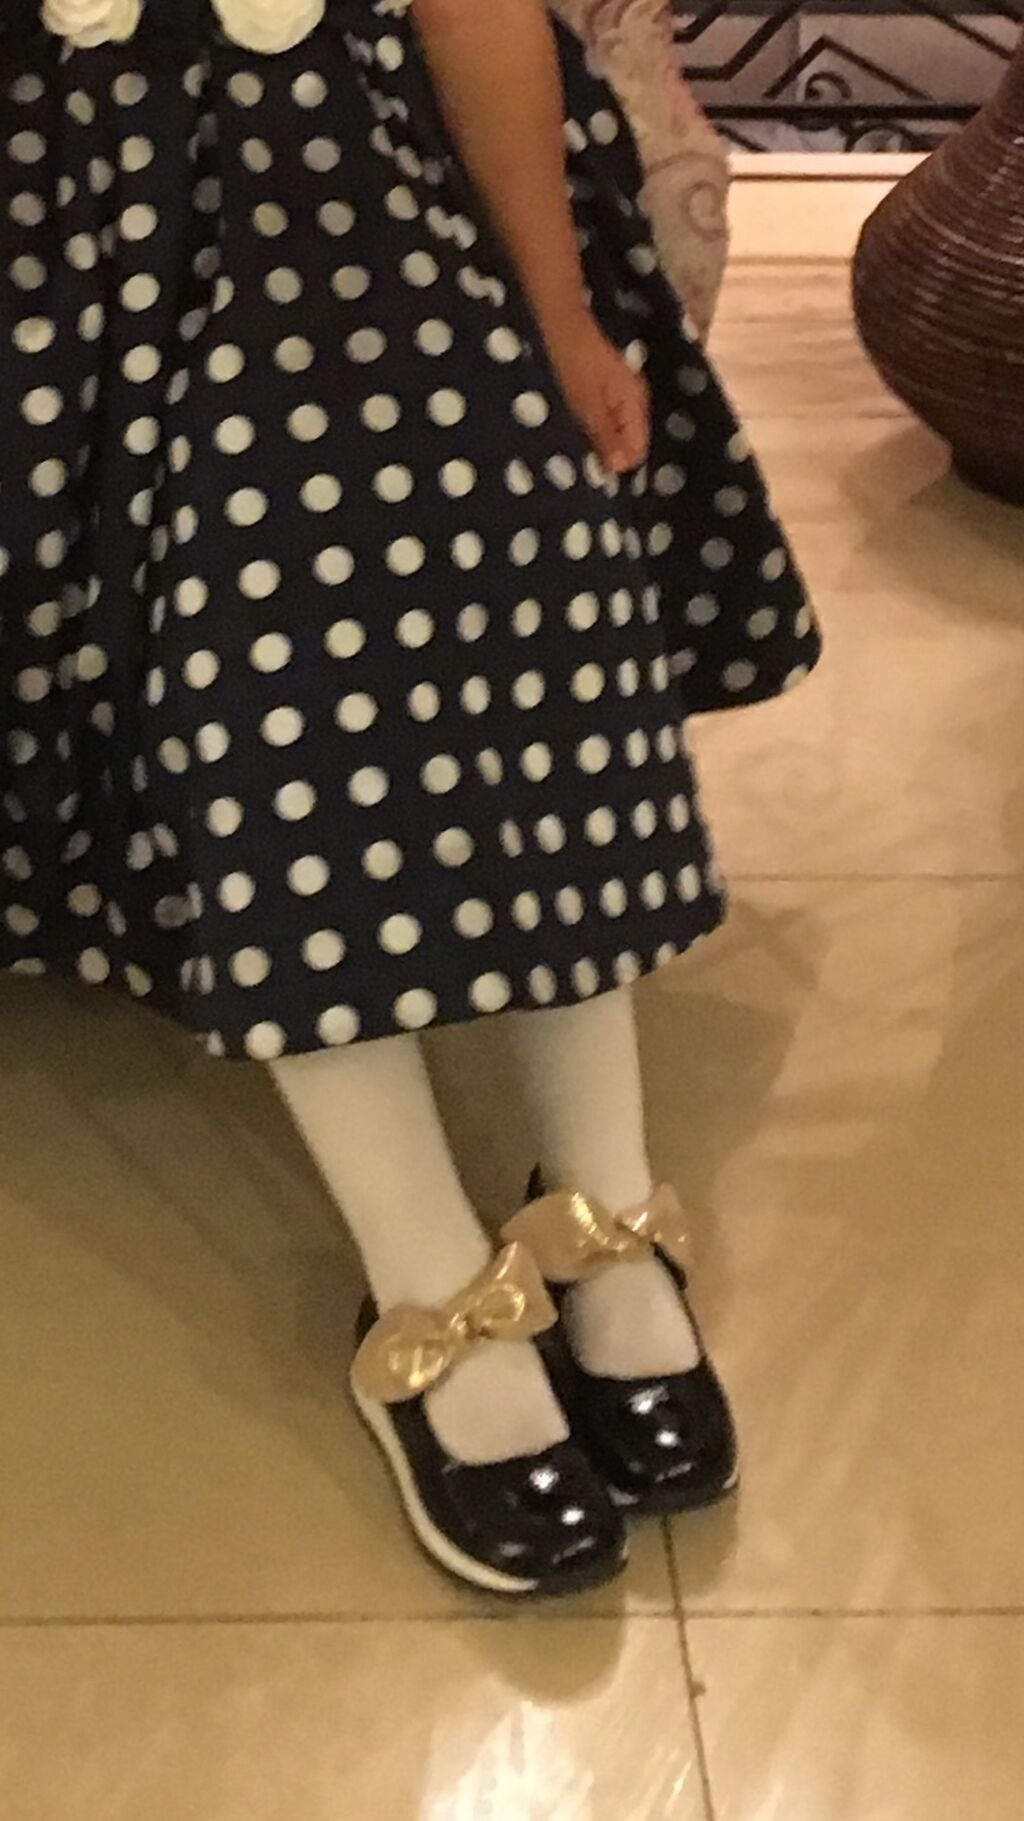 Туфли, натуральная кожа, Турция, размер 31-32, в хорошем состоянии, на девочку 6-8 лет, 900 с